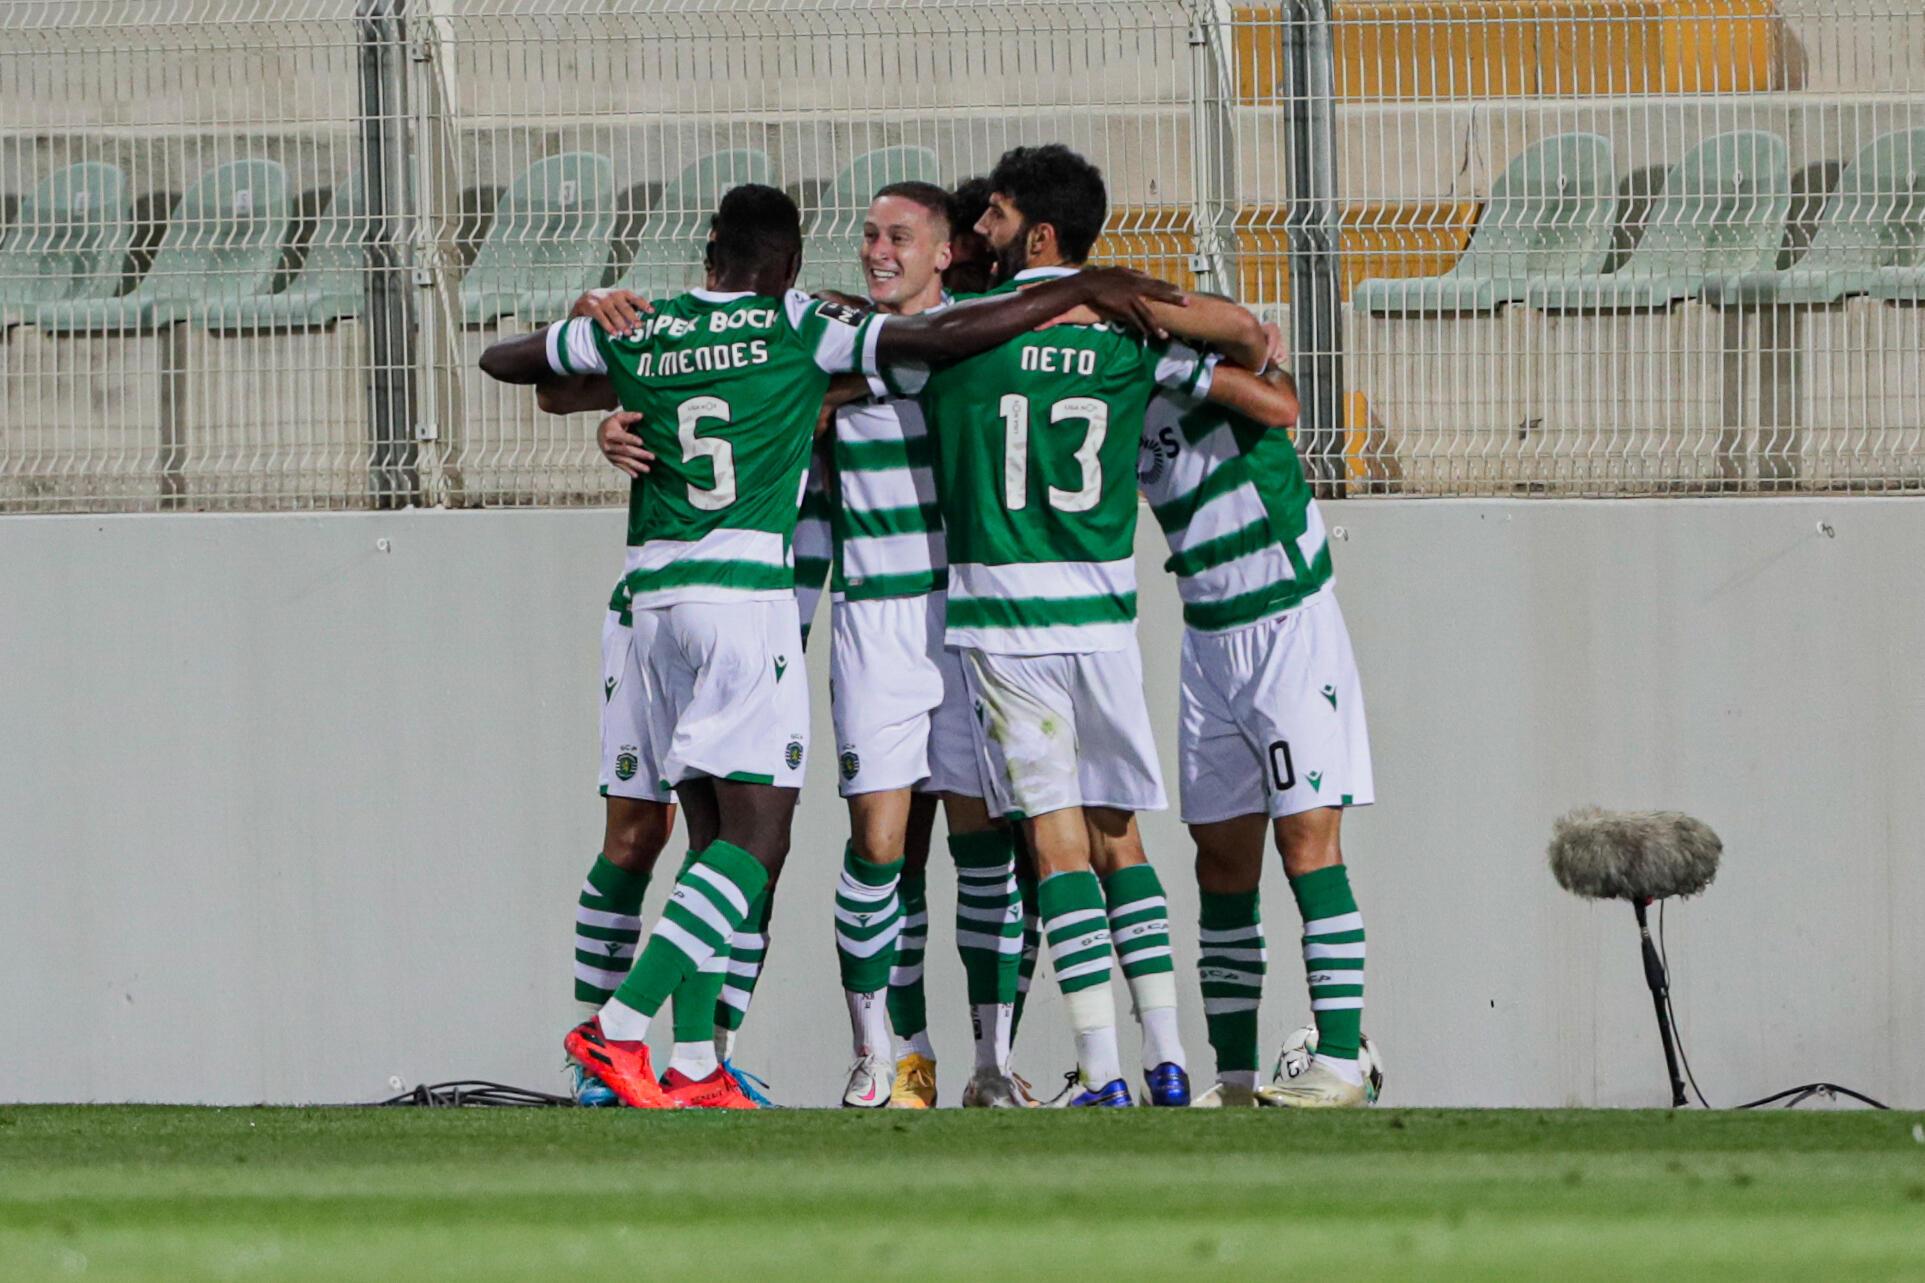 O Sporting CP venceu por 0-2 na deslocação ao terreno do Portimonense.